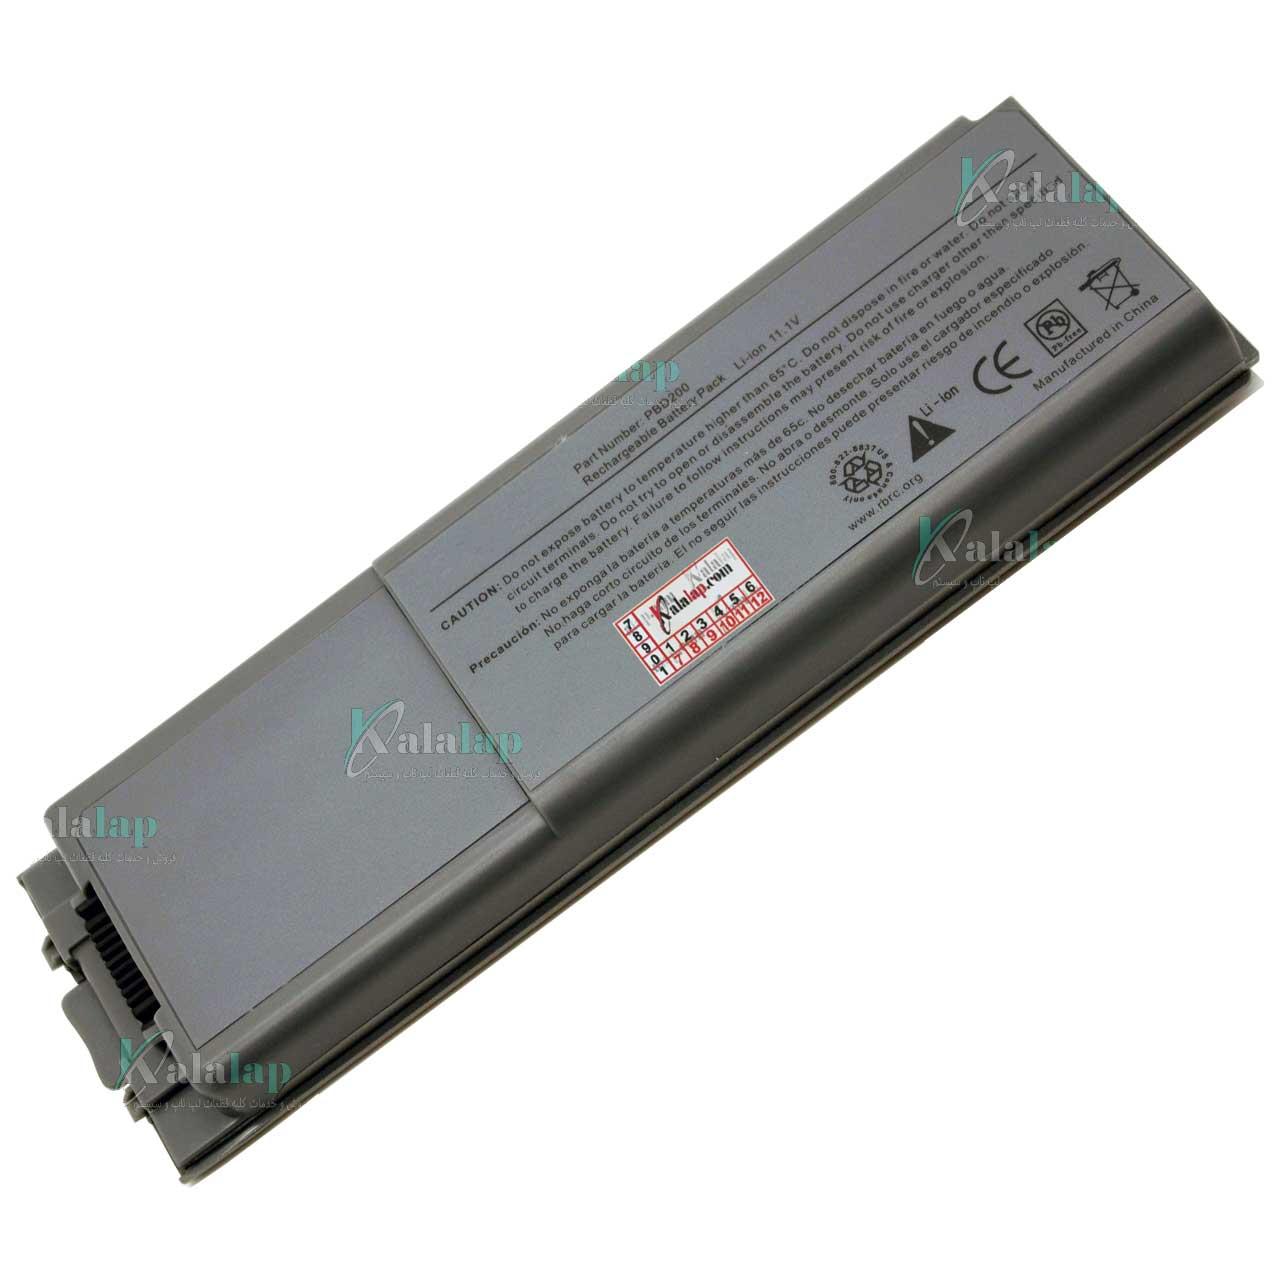 باتری لپ تاپ دل Latitude D800 D810 Precision M70